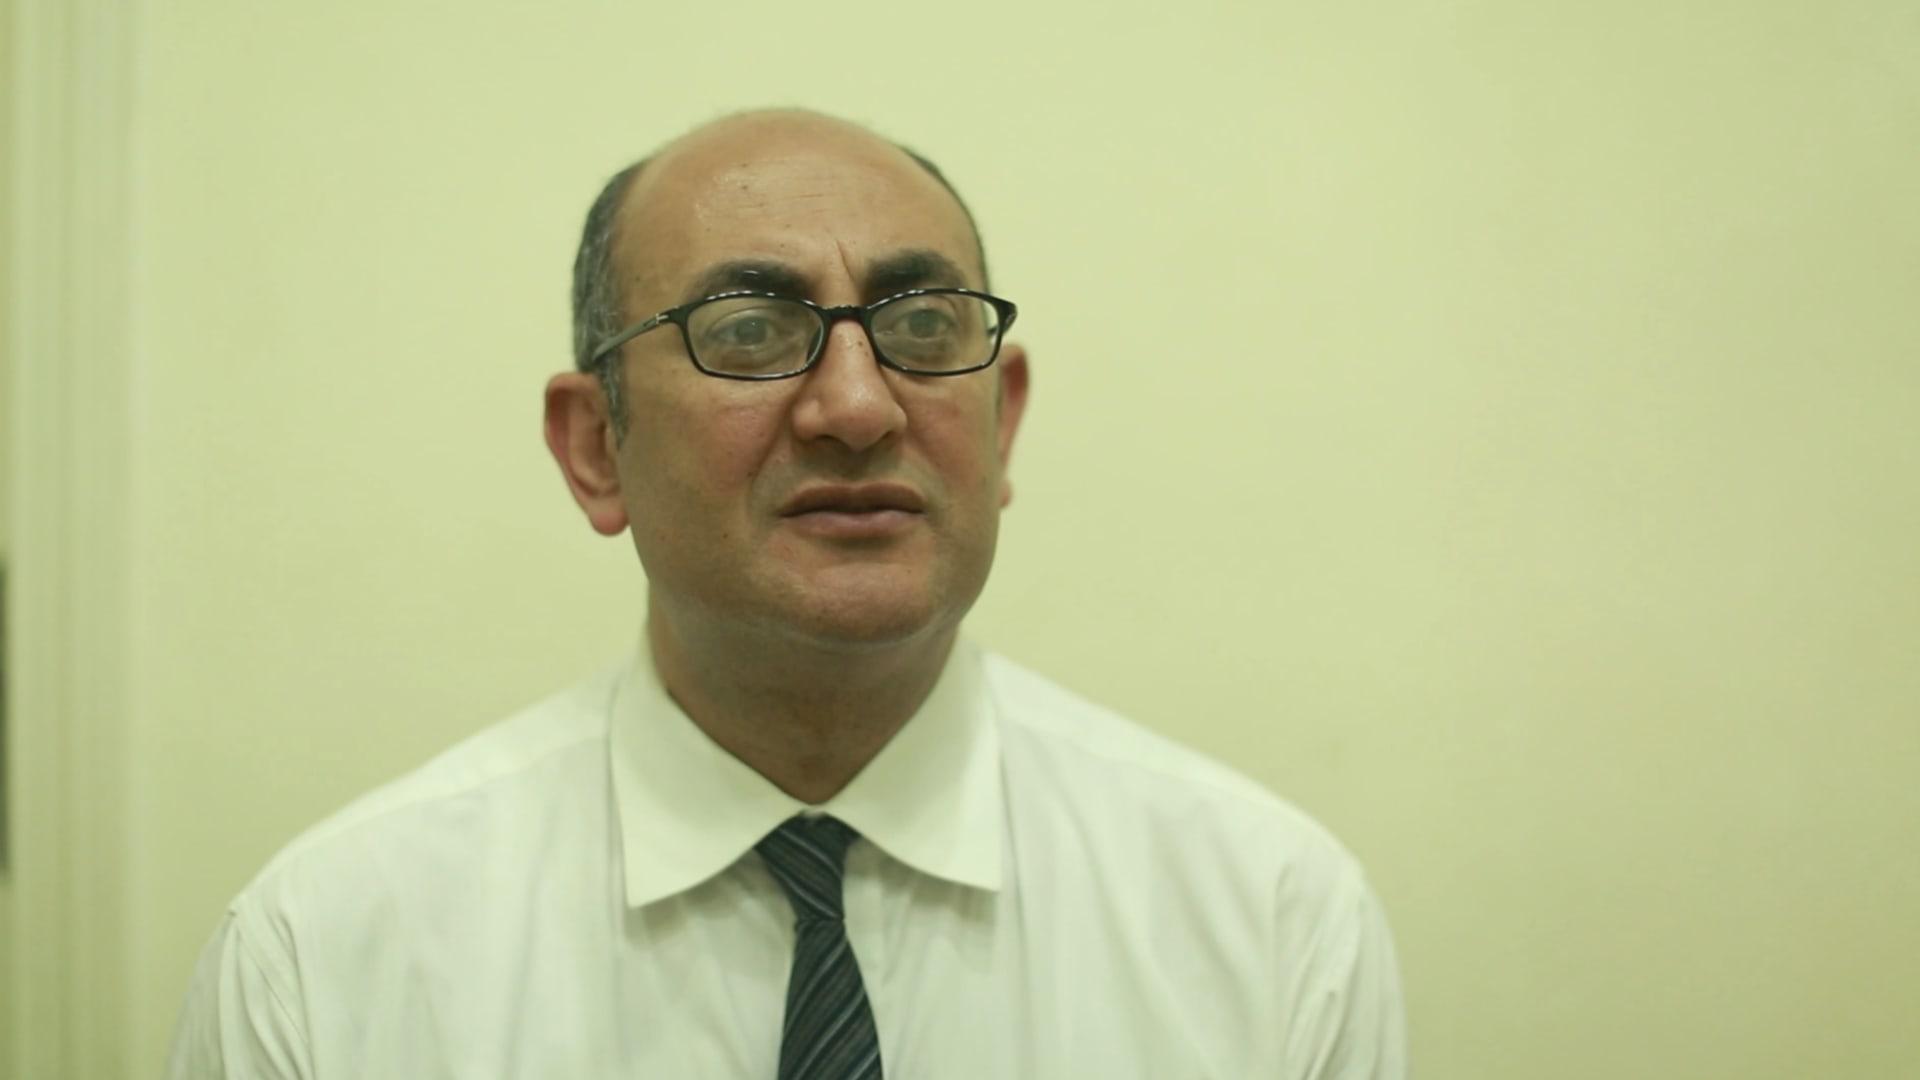 خالد علي لـCNN: تيران وصنافير ستكون مدخلا لتطبيع إسرائيل مع الدول العربية